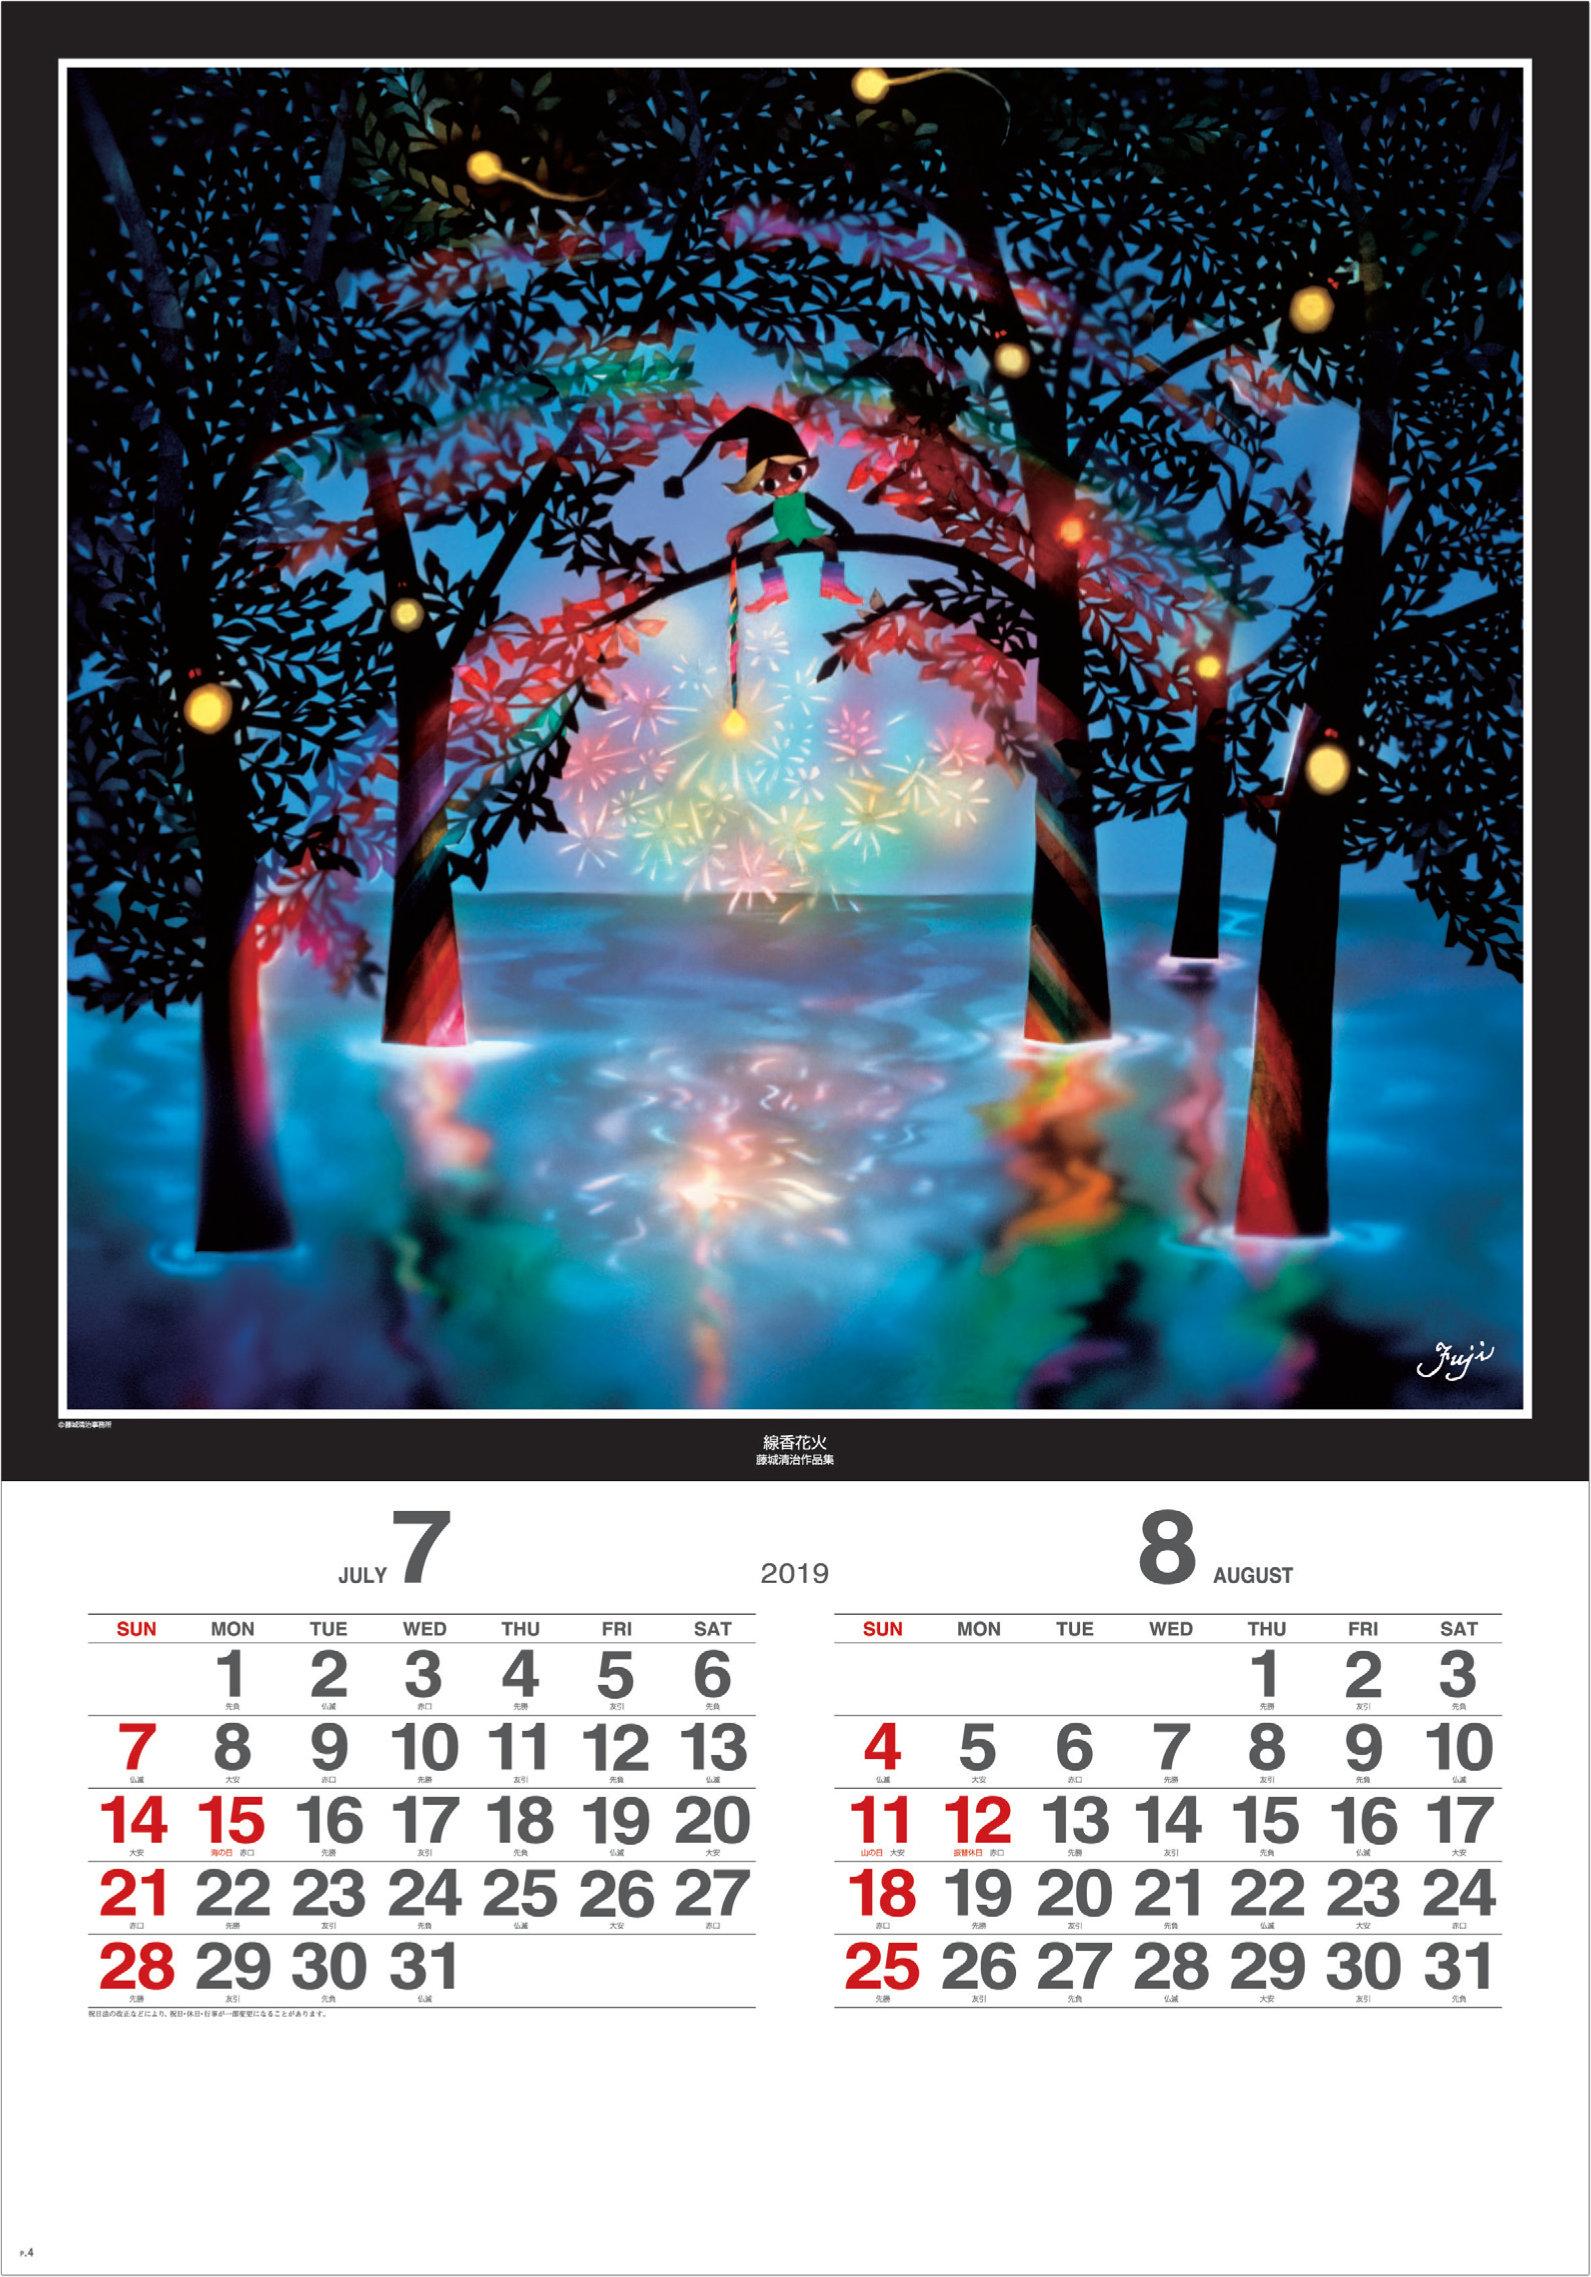 藤城清治 作品「月明りの湖」 遠い日の風景から(影絵)  藤城清治 (フィルムカレンダー) 2019年カレンダーの画像